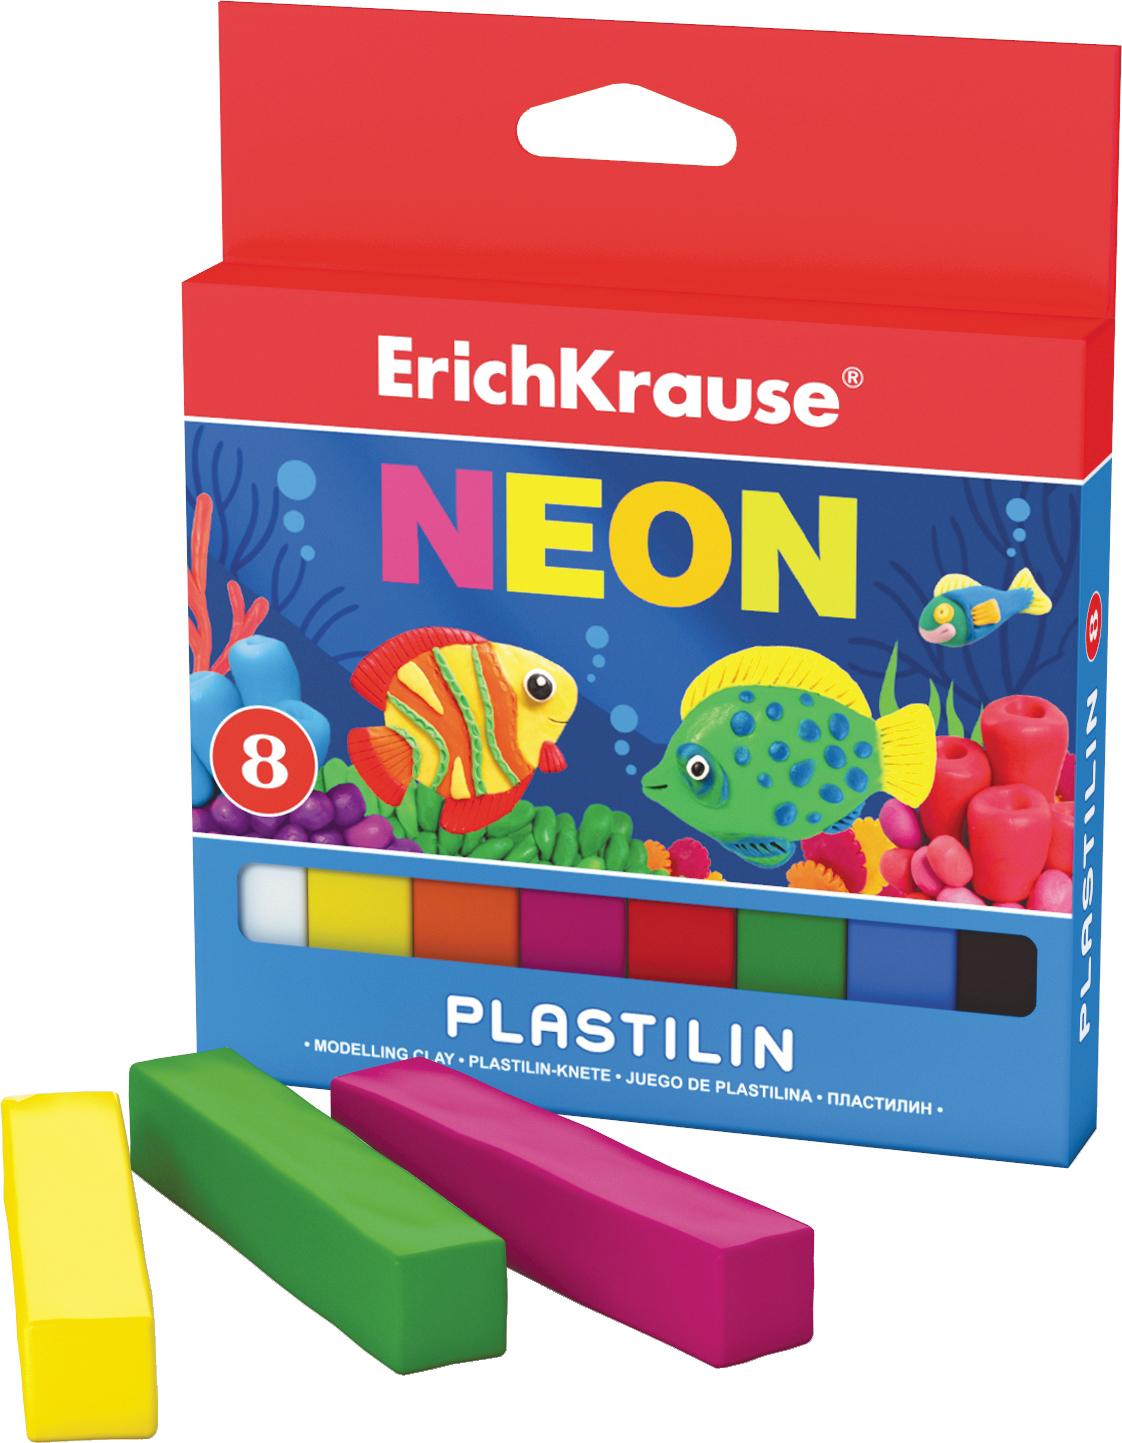 Erich Krause Пластилин Neon 8 цветов 3727337273Классический школьный пластилин производится на основе безопасных компонентов. Сохраняет свою форму, не застывает на воздухе. Цветовая палитра содержит яркие, насыщенные цвета, которые хорошо смешиваются между собой. Разноцветные брусочки классиче ского пластилина весом 18г имеют индивидуальную упаковку со штрихкодом. Neonовые цвета светятся под действием ультрафиолетовой лампы. Для получения новых оттенков все цвета хорошо смешиваются.